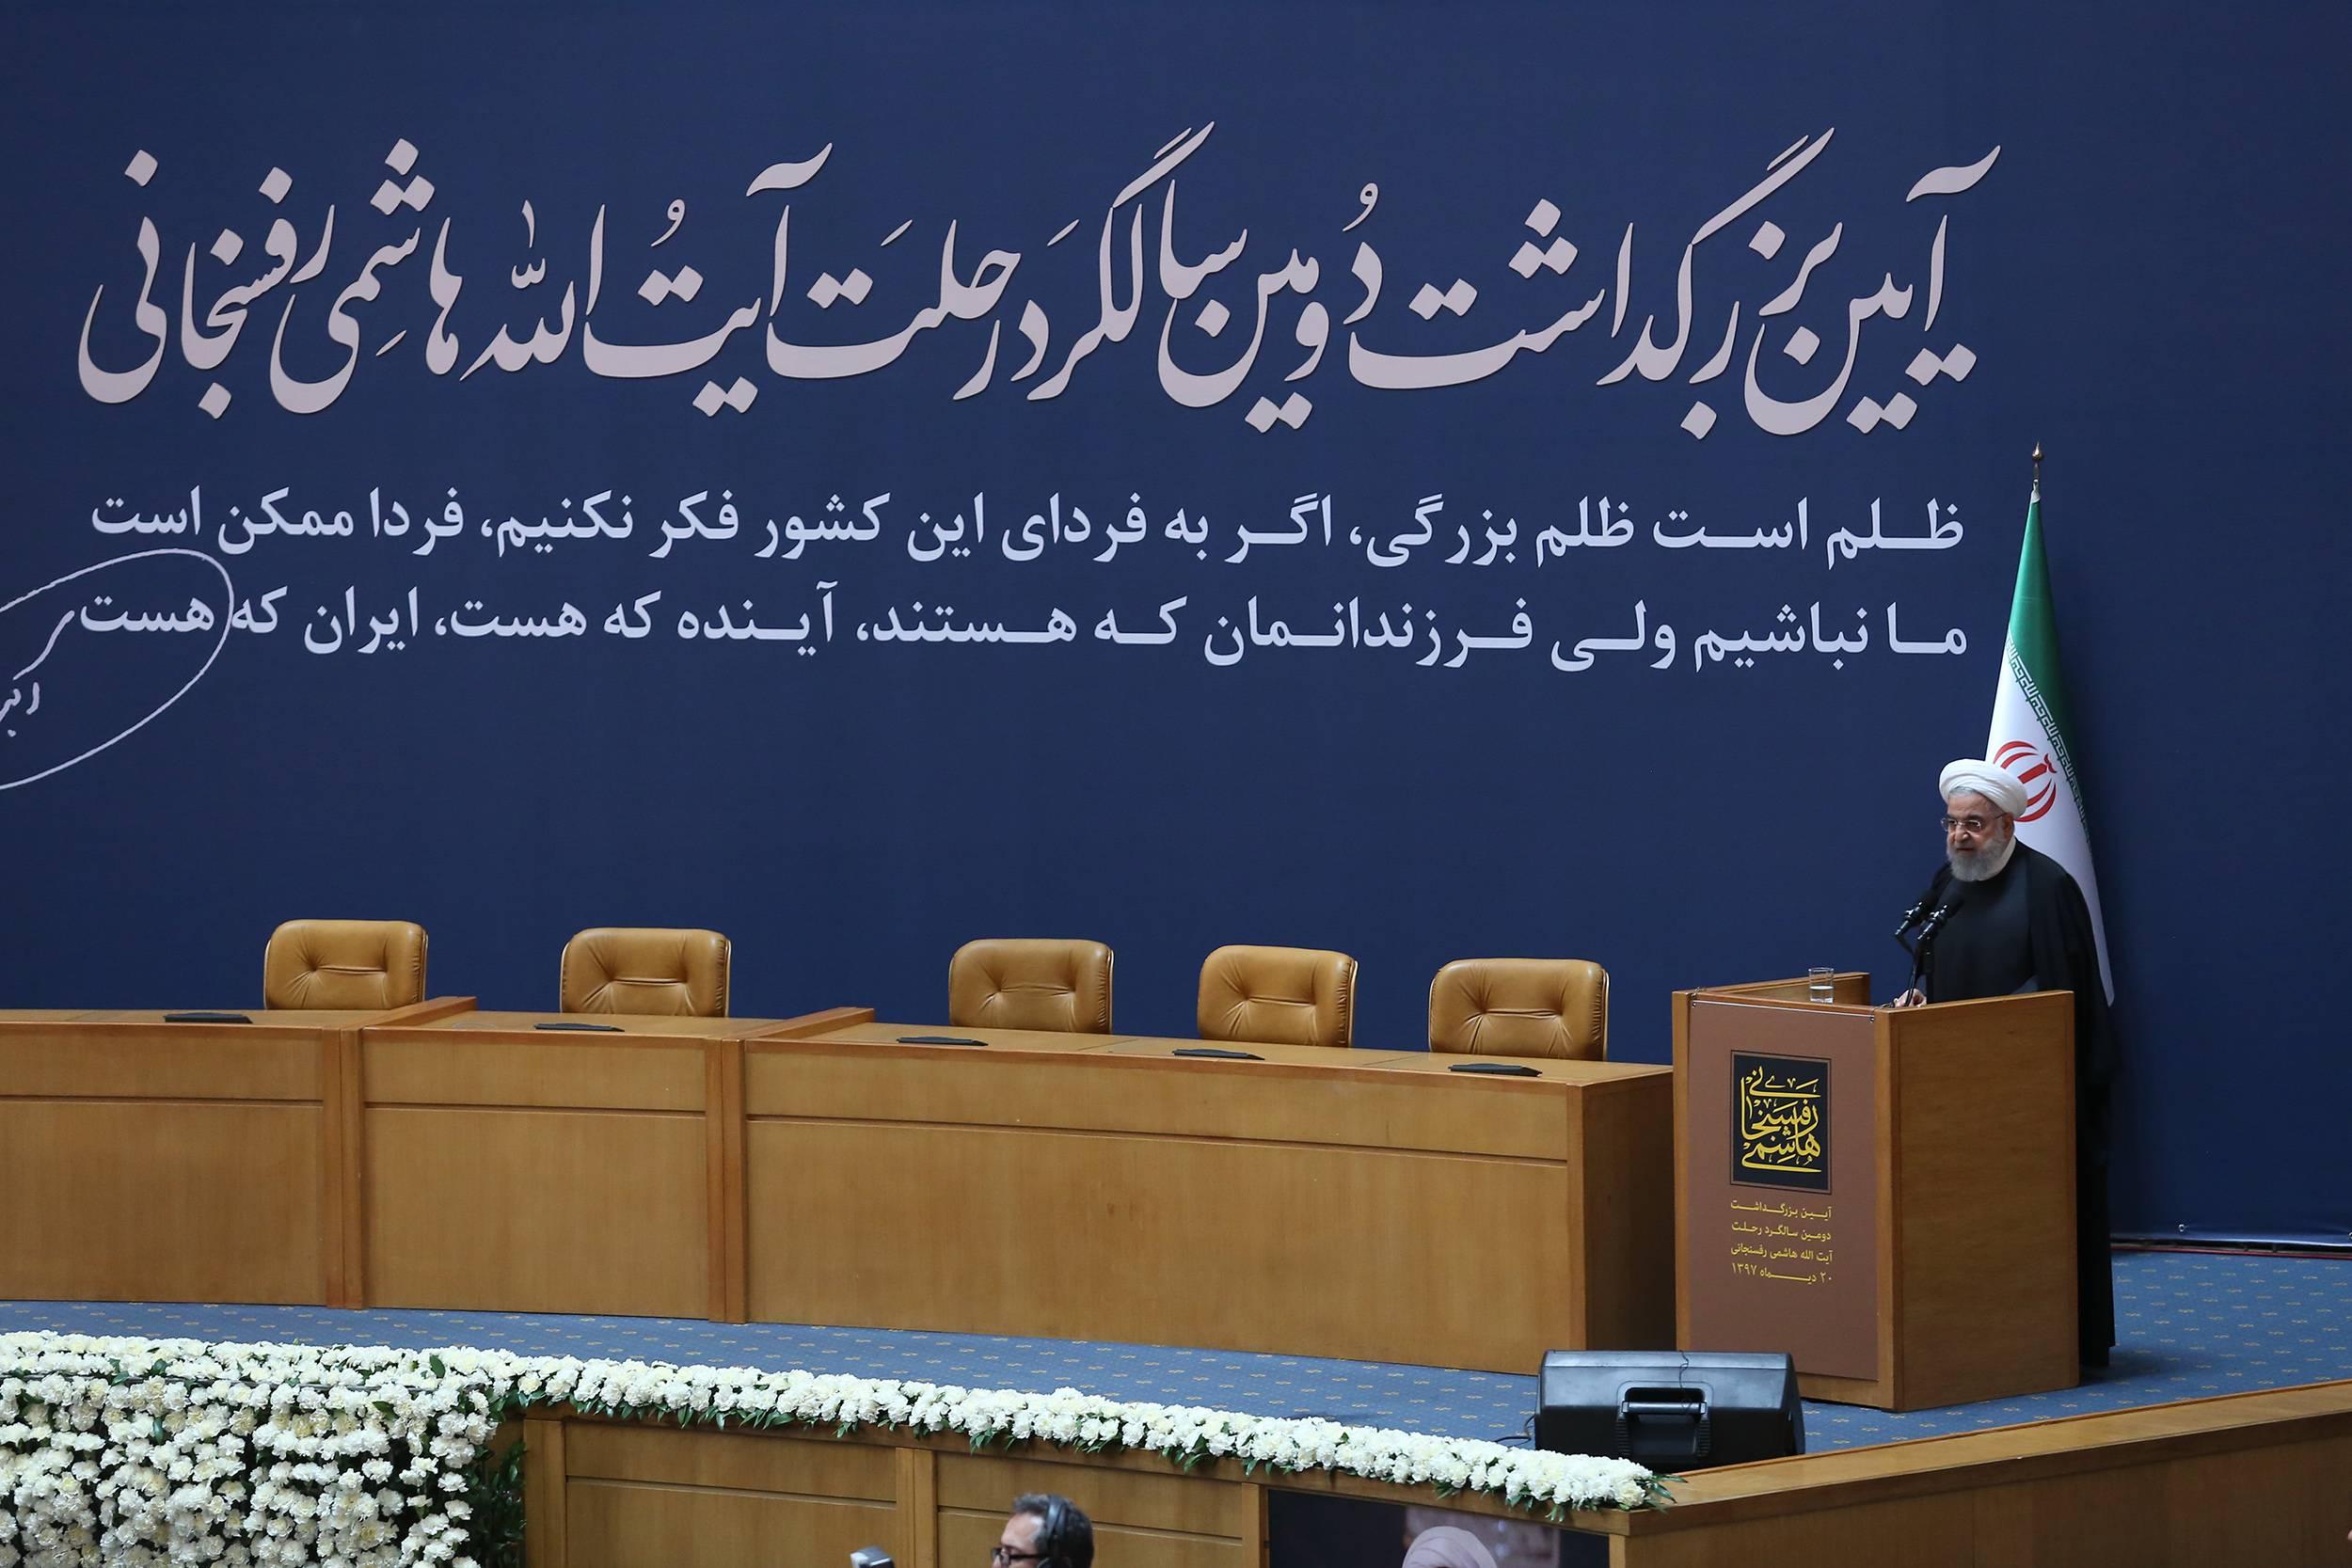 رییس جمهور: این جا جمع شده ایم تا بگوییم که هاشمی زنده است